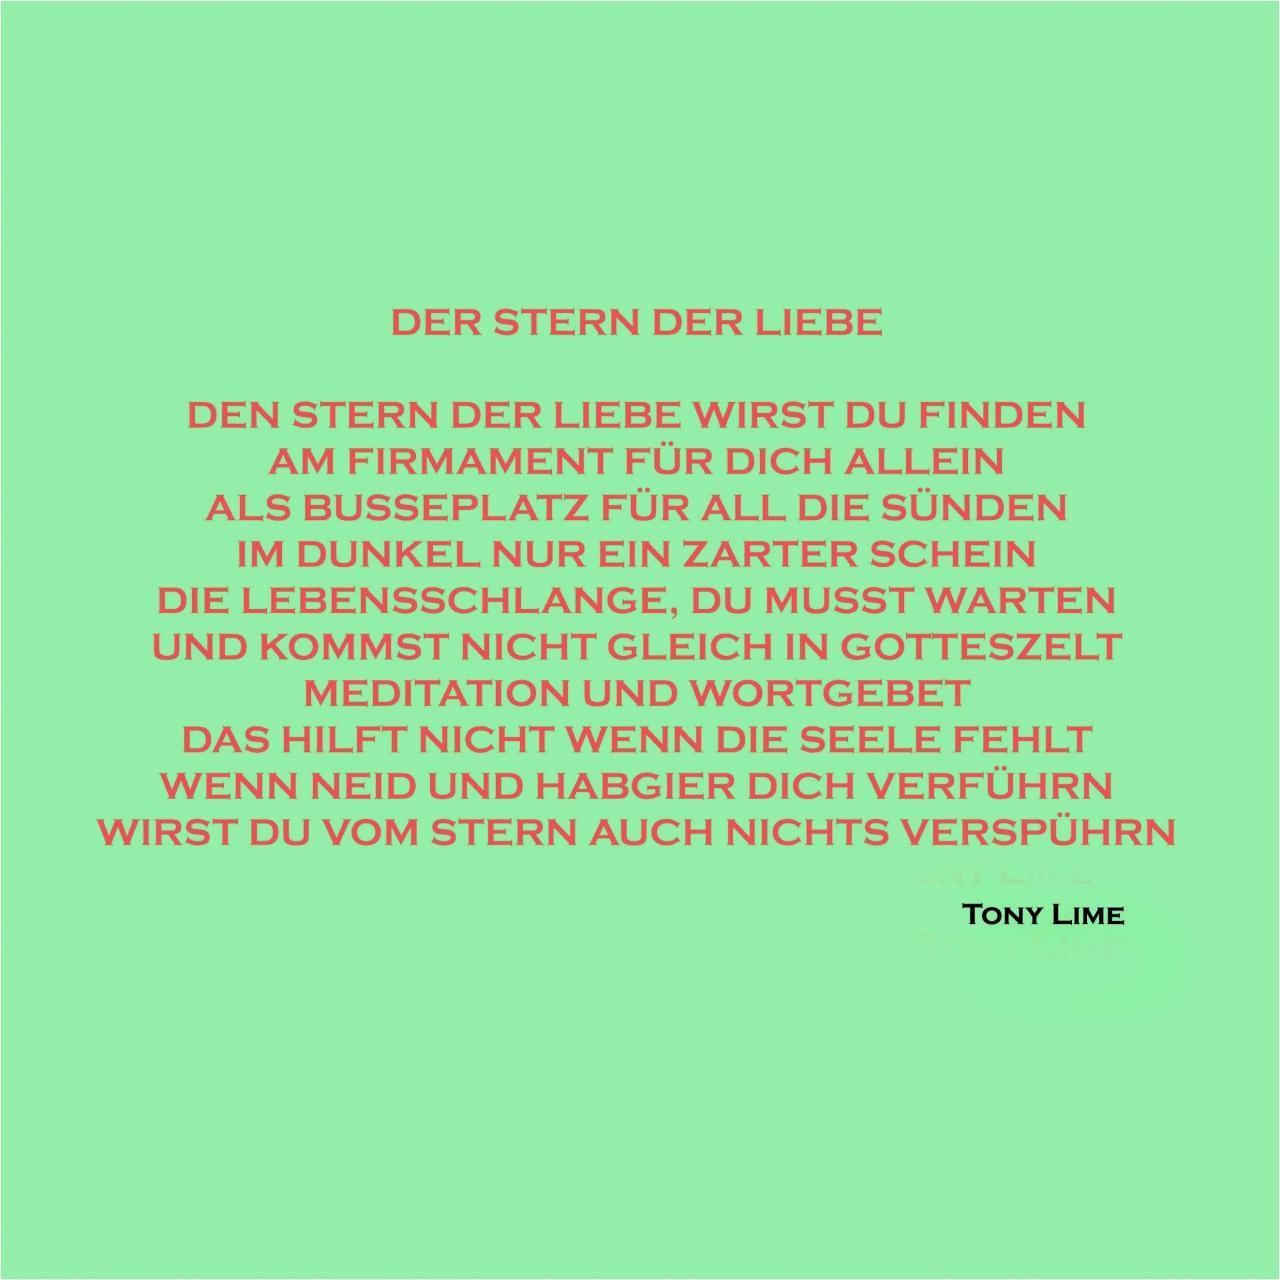 Latein Zitate Liebe Choice Image Besten Zitate Ideen Lateinische Zitate Liebe Gallery Besten Zitate Philosophische